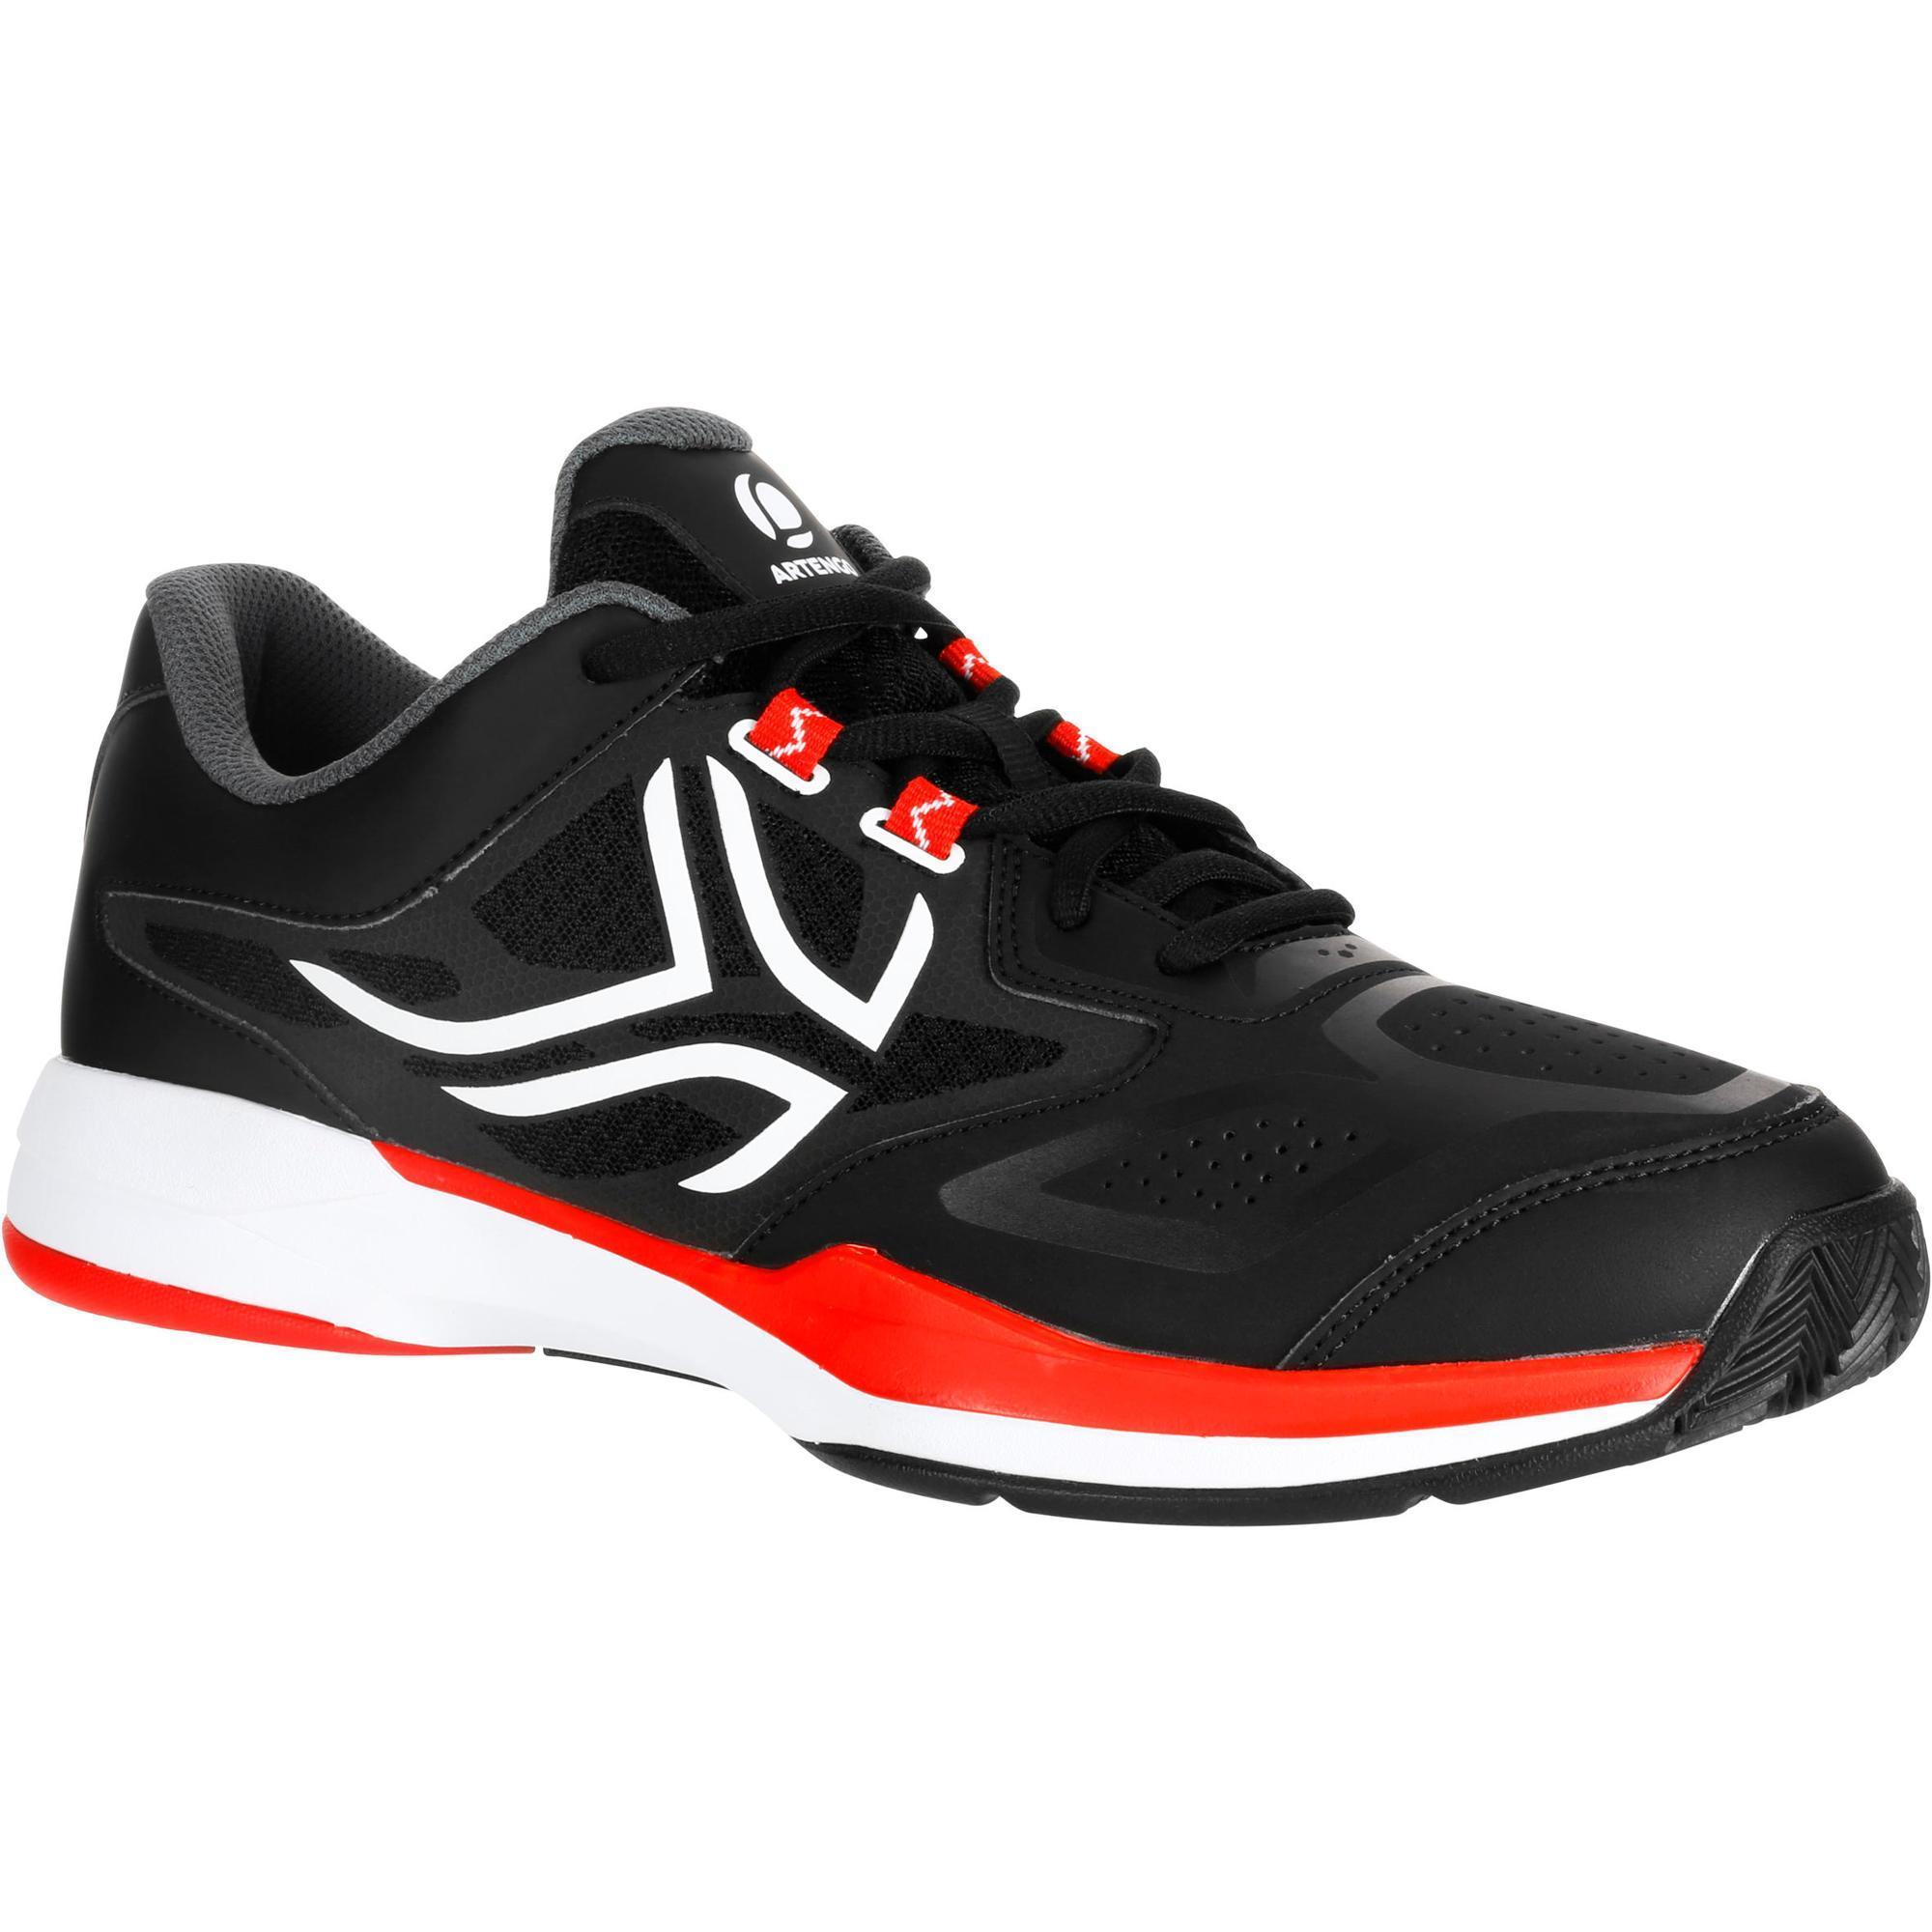 super popular 893d9 ac5be Chaussures de tennis Femme